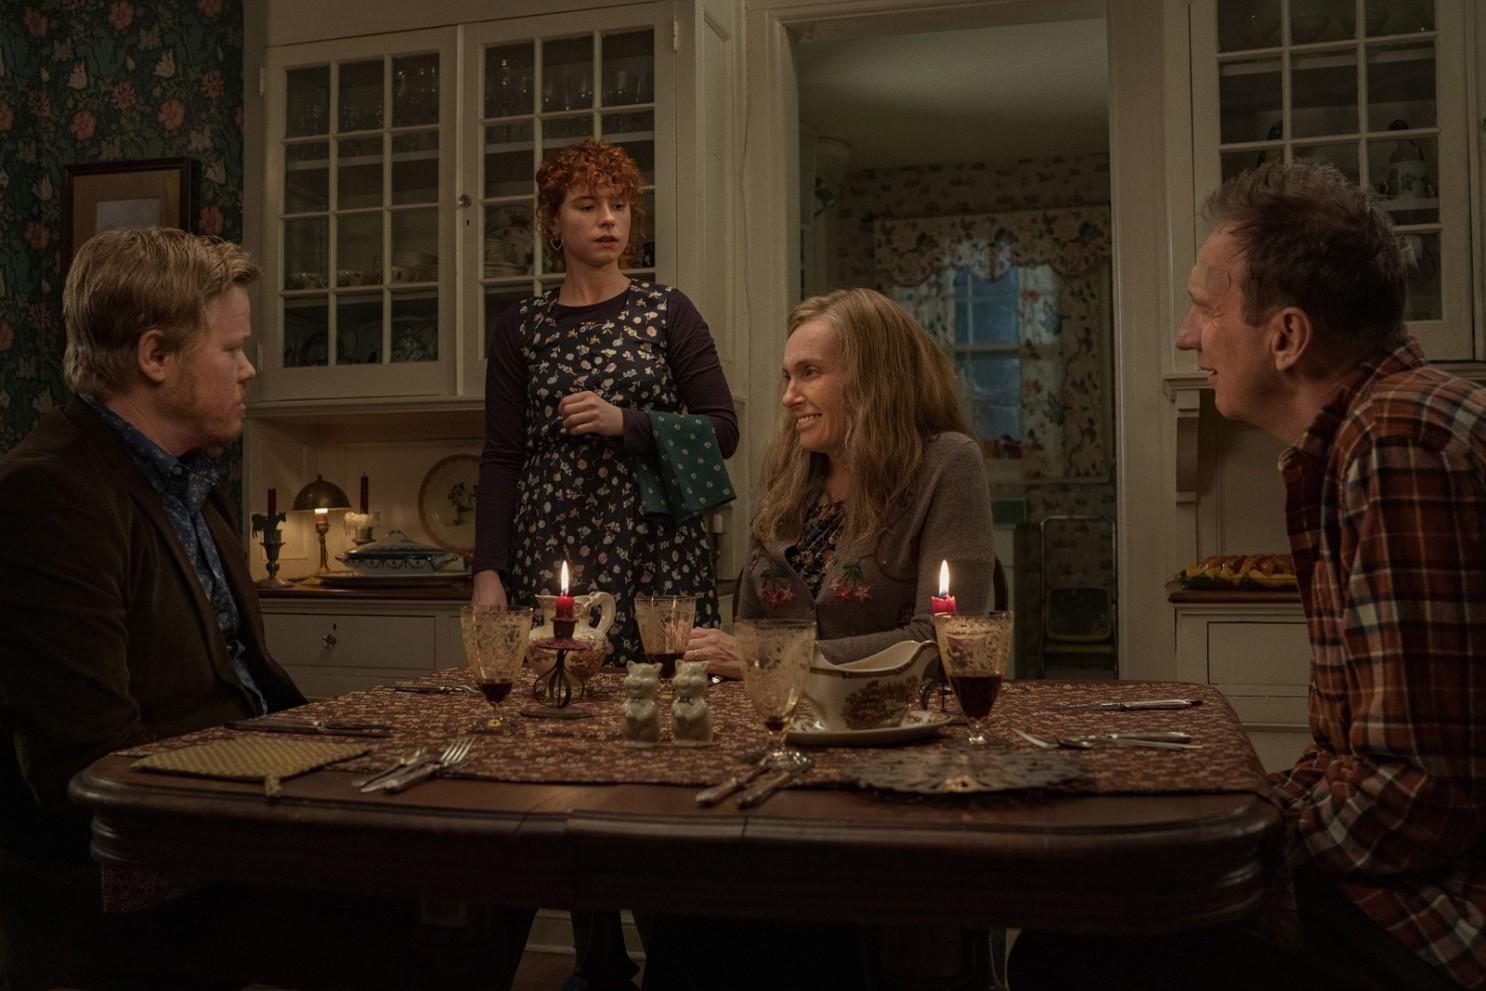 Três adultos estão sentados à mesa, enquanto a jovem mulher está de pé. O ambiente é mal iluminado e tem tons terrosos